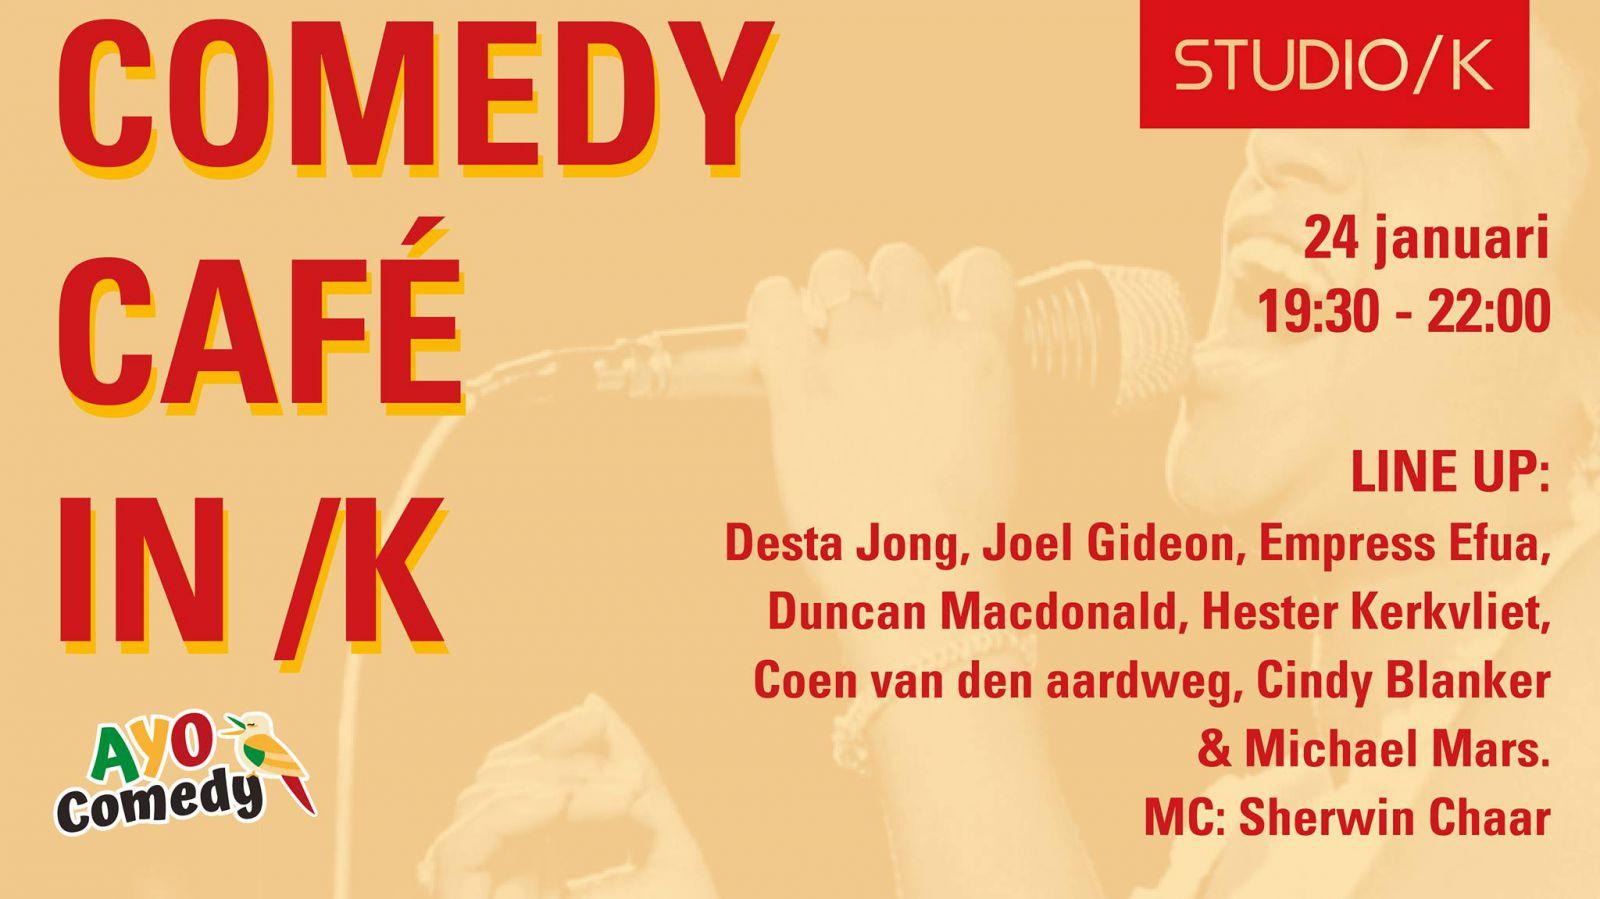 Comedy Café in /K